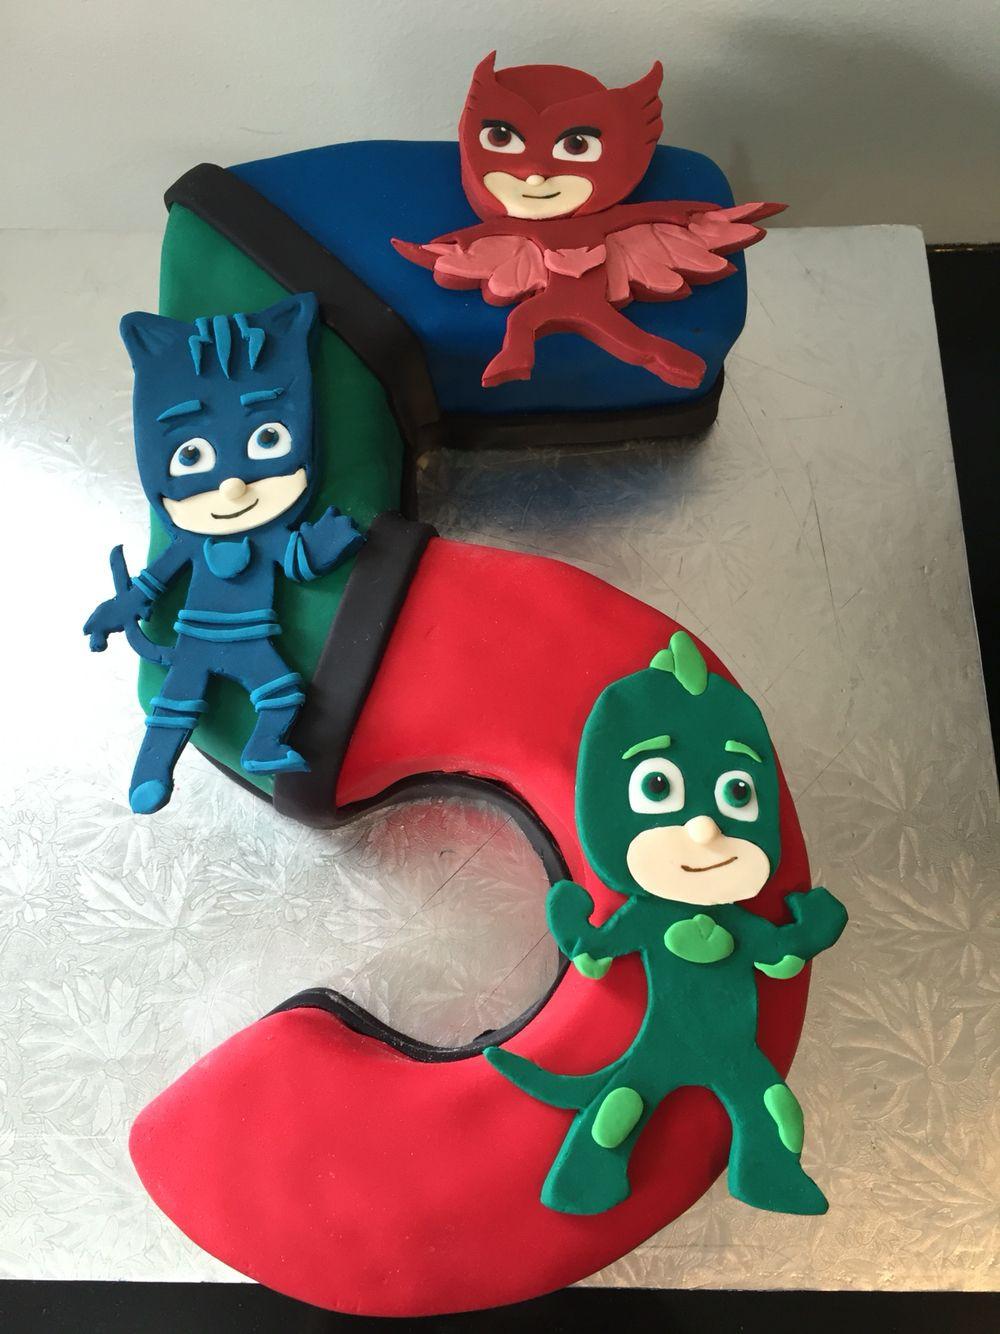 Pj Masks Birthday Cake Walmart  PJ Masks cake Totally Caked Pinterest